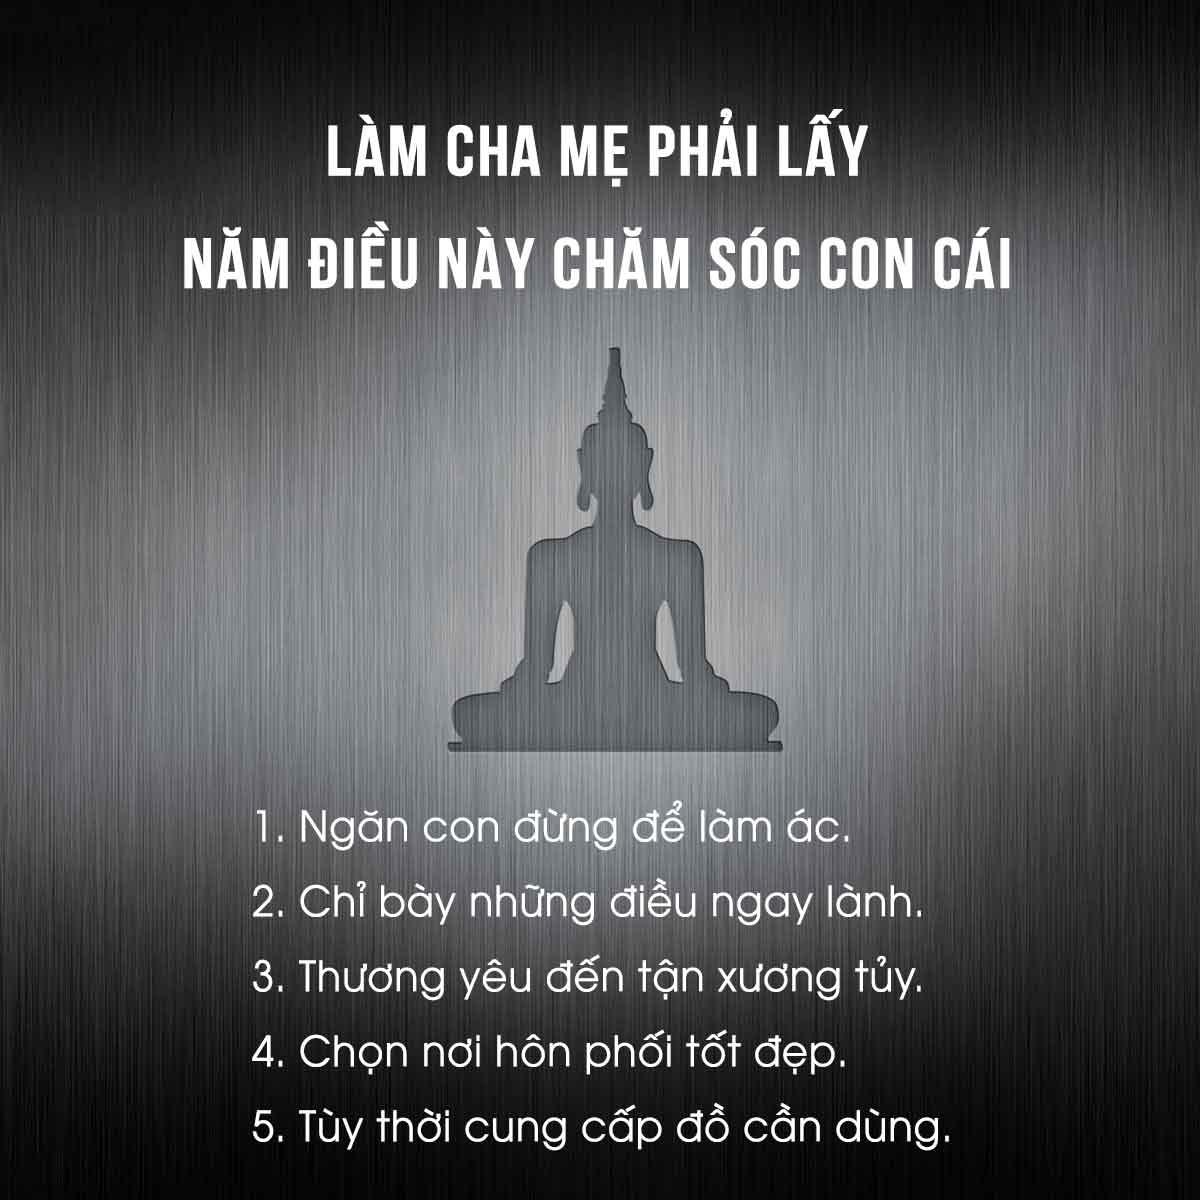 Đạo nghĩa gia đình theo lời Phật dạy 2